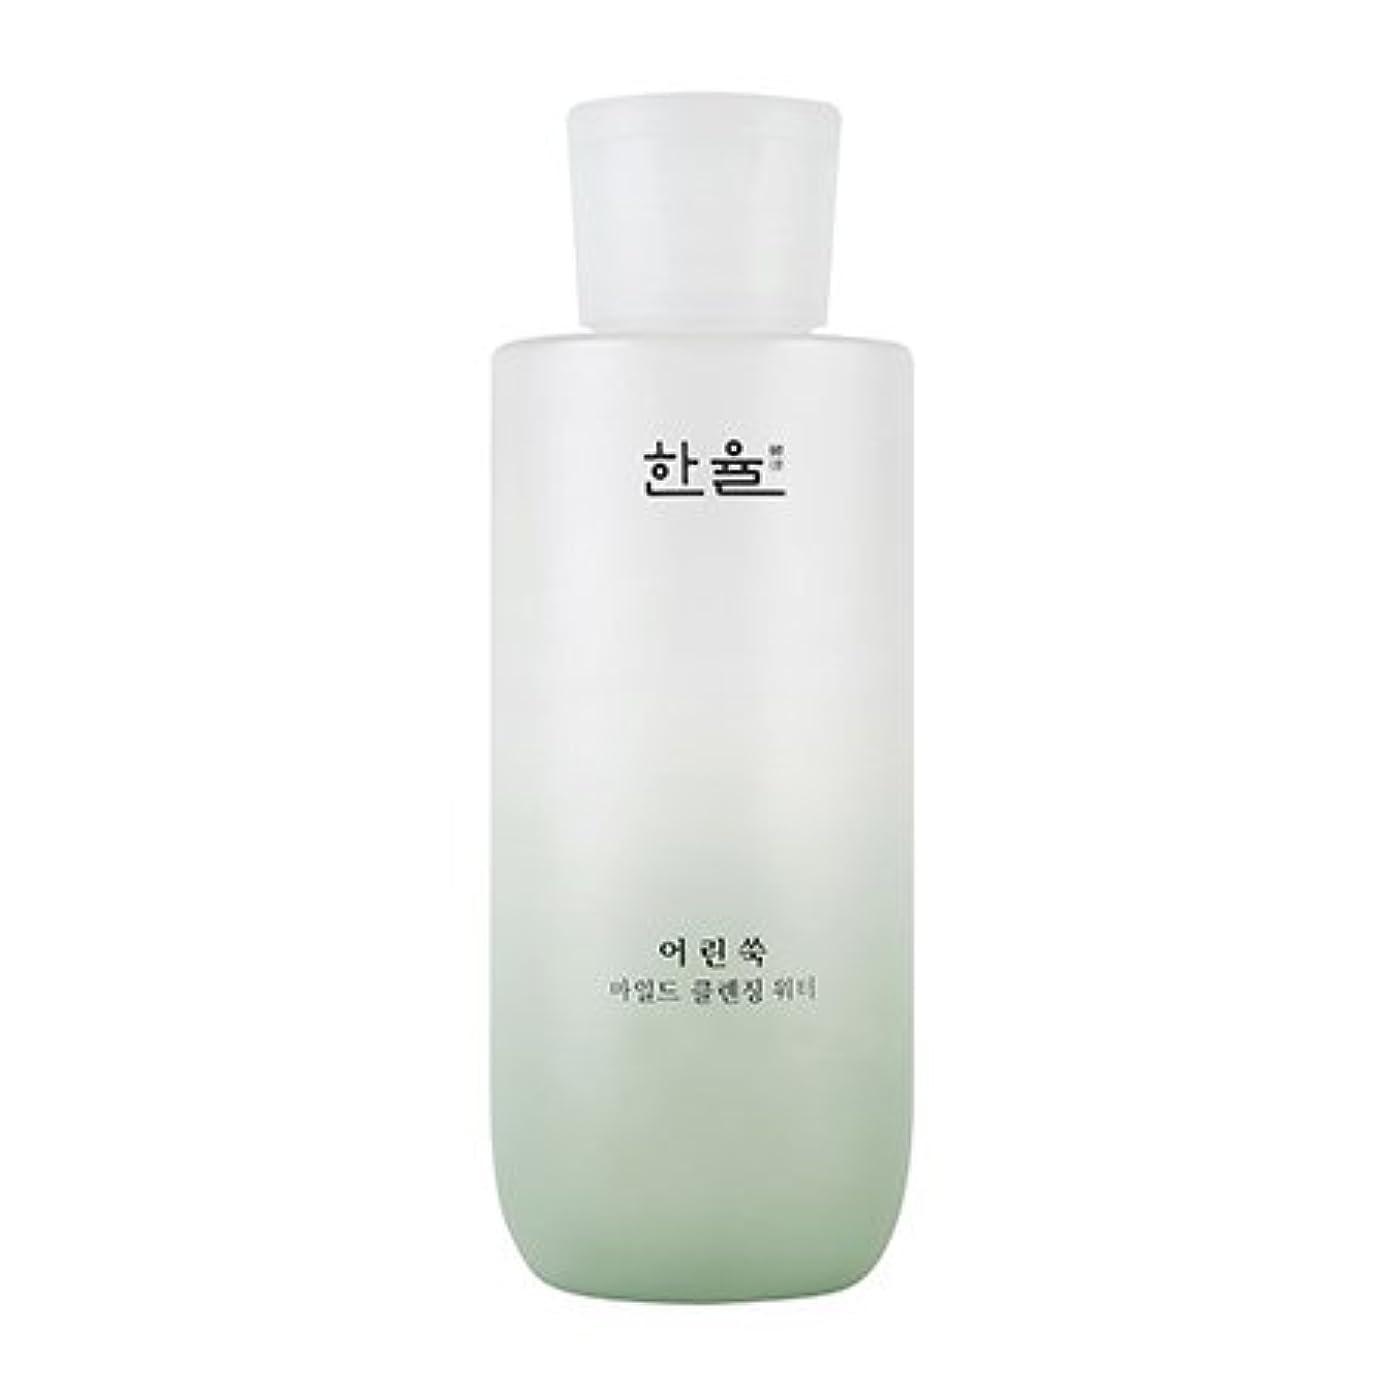 バイナリ官僚で出来ているHANYUL Pure Artemisia Mild Cleansing Water 300ml / ハンユル ピュアアルテミシアマイルド クレンジングウォーター 300ml [並行輸入品]